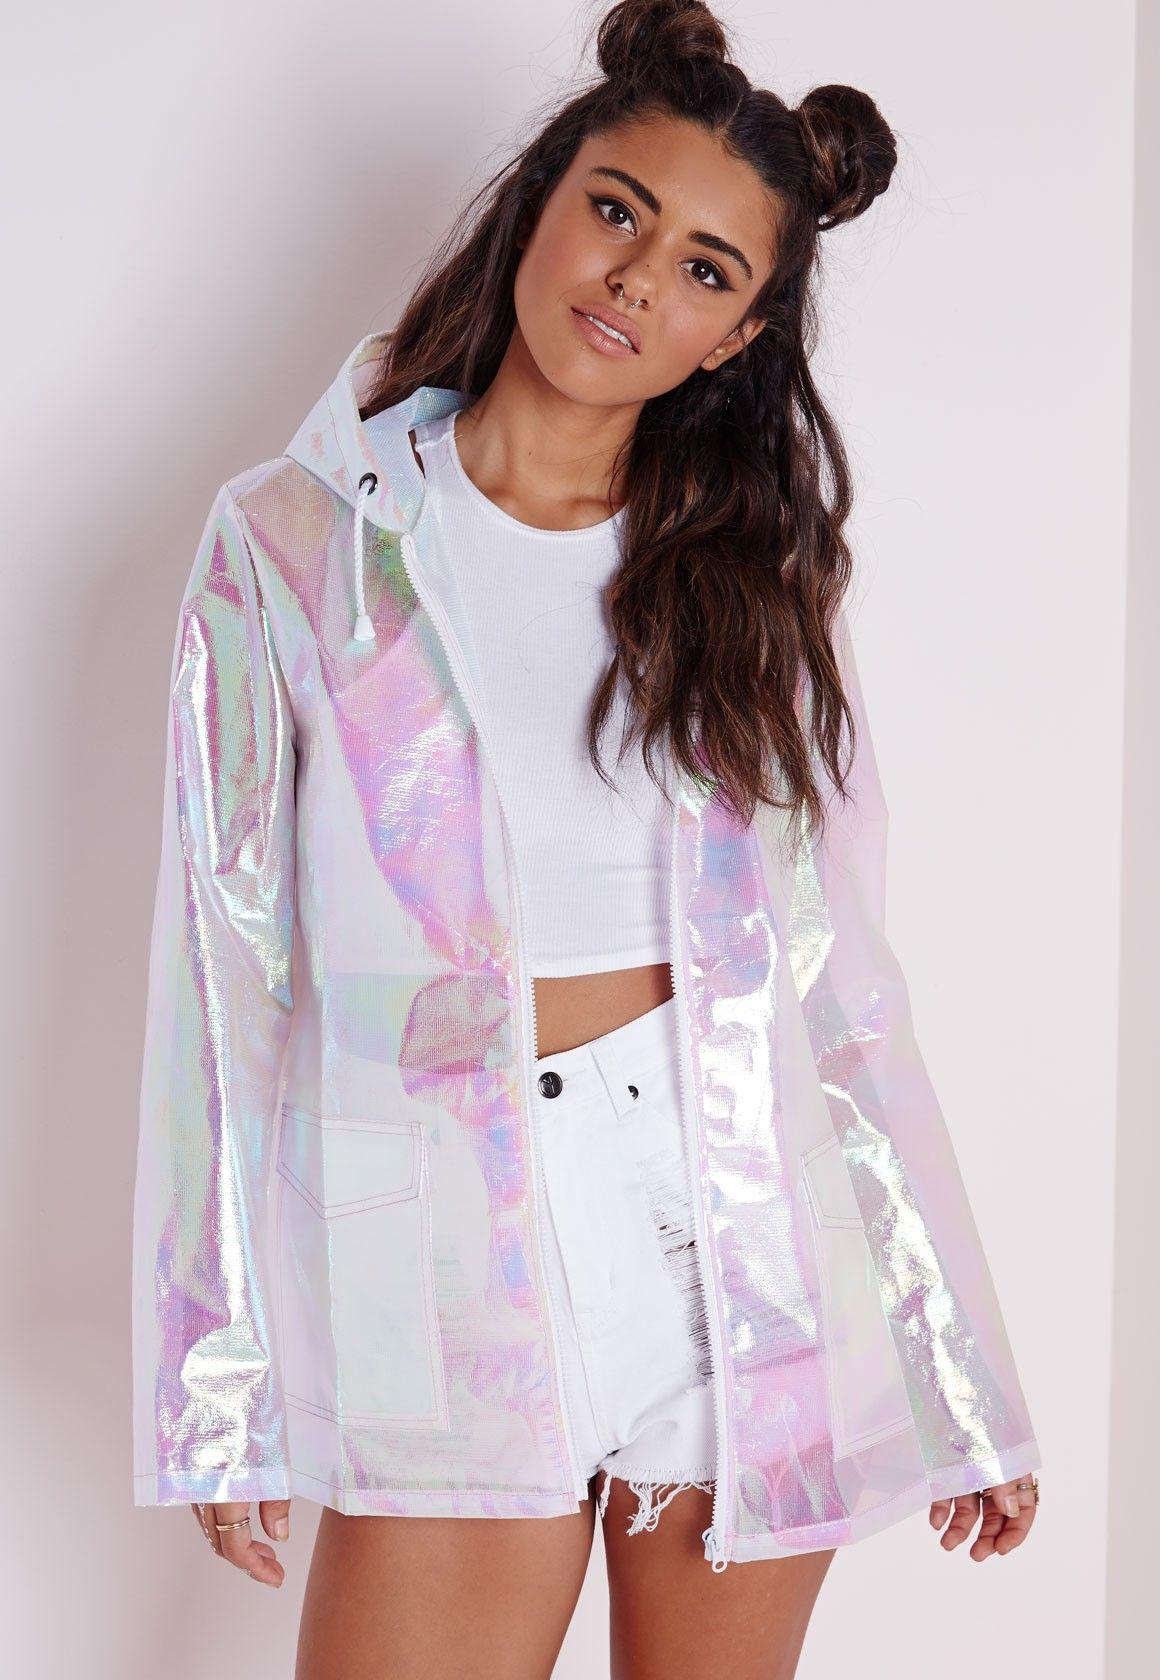 de09690caaaab Holographic Rain Mac Pearlescent Pink - Coats and Jackets - Rain ...